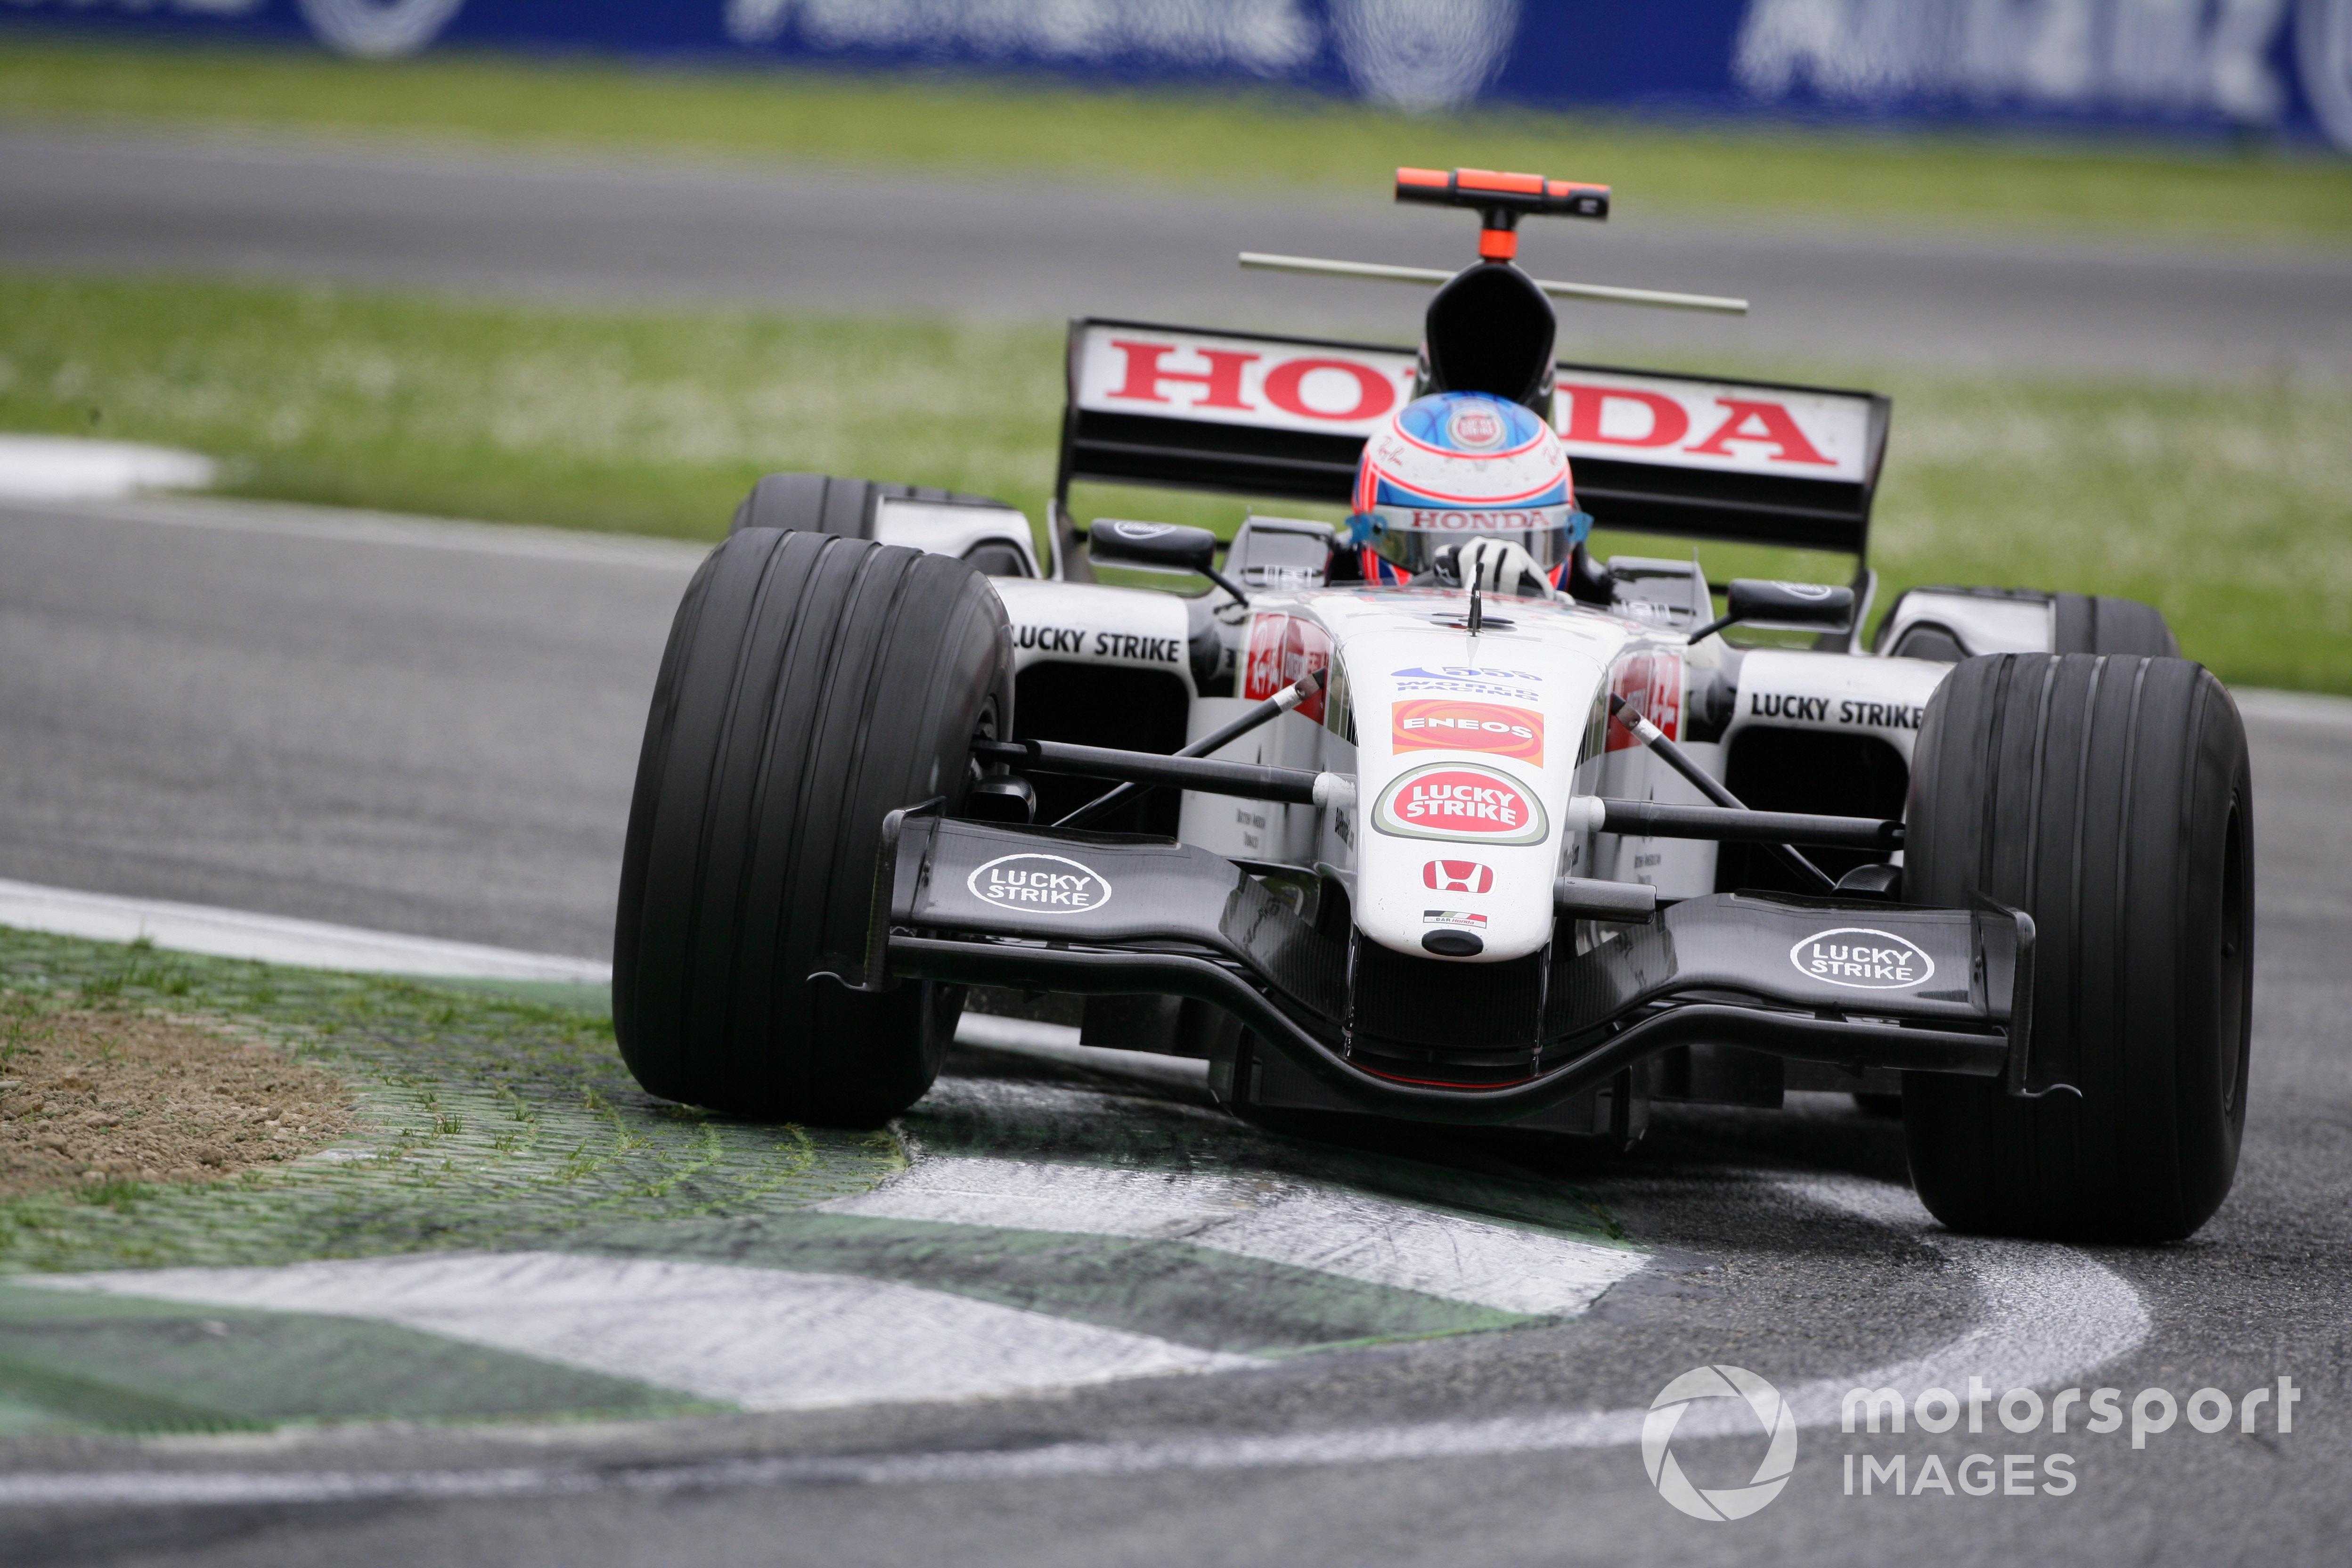 Jenson Button durante la temporada 2005 con el equipo BAR.